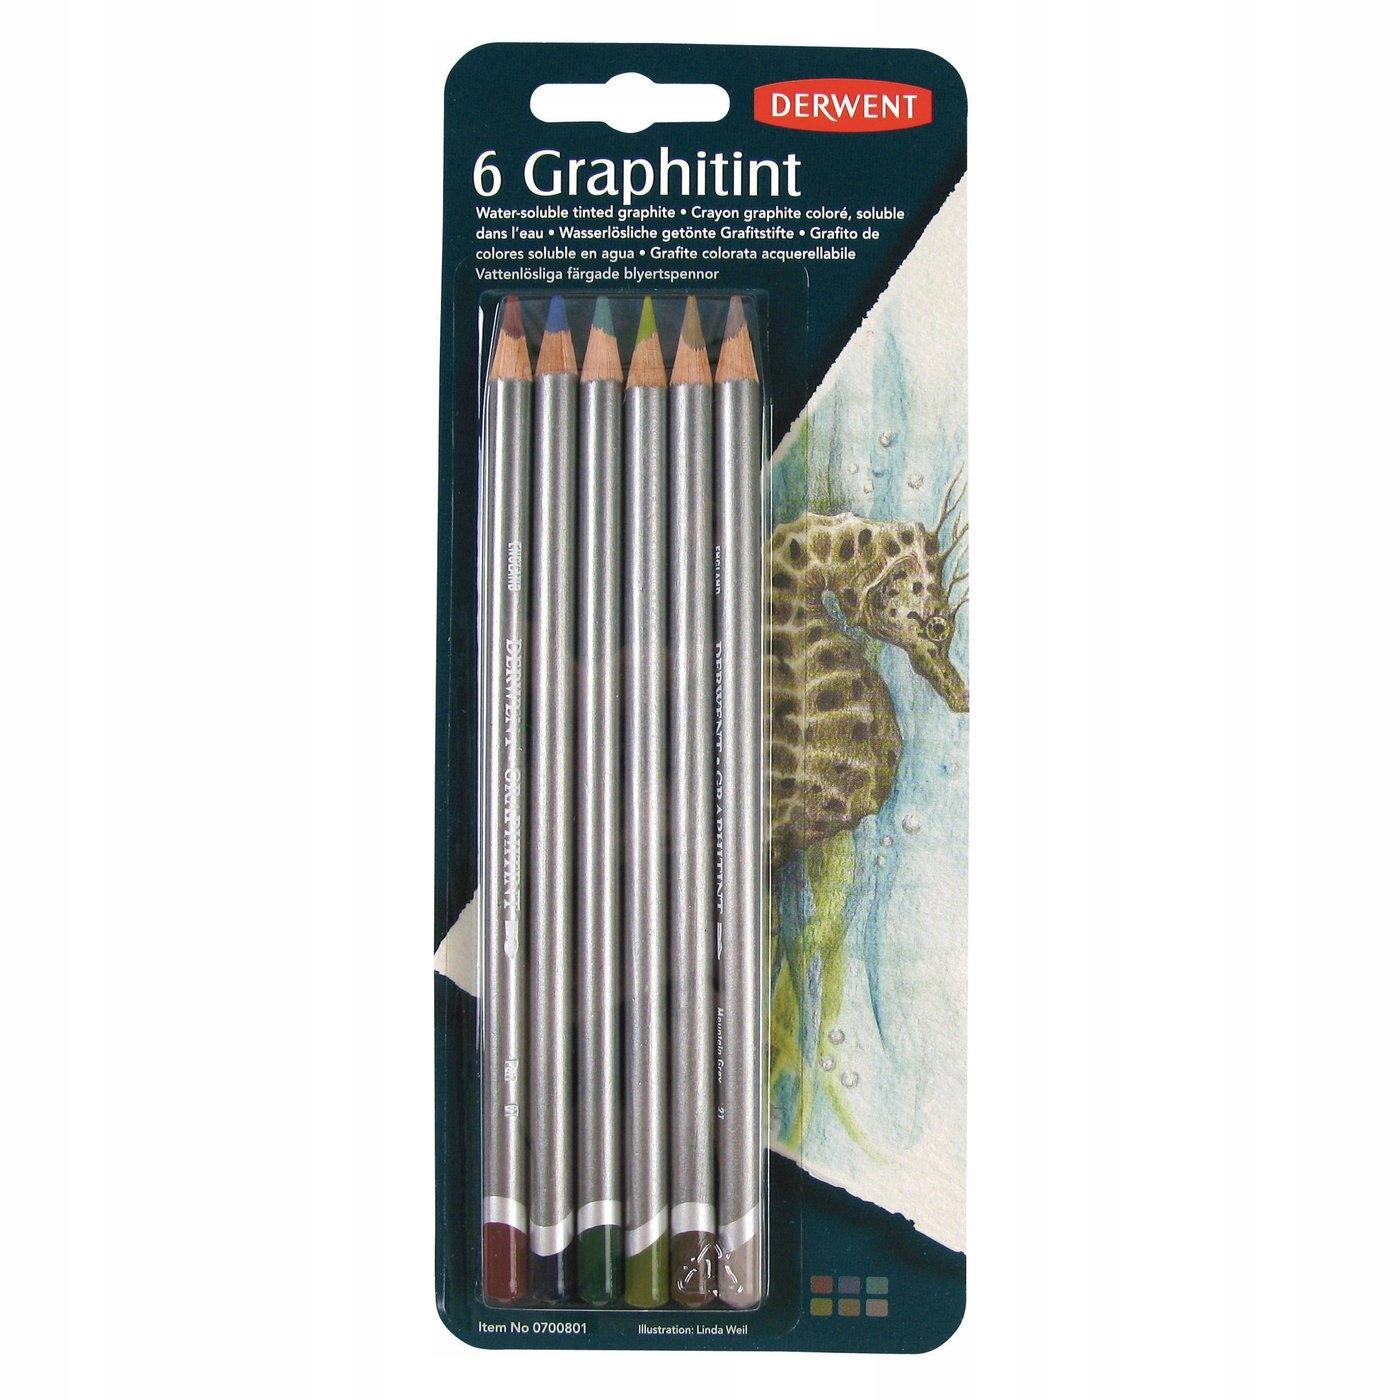 DERWENT GRAPHITINT Zestaw 6 kolorowych ołówków